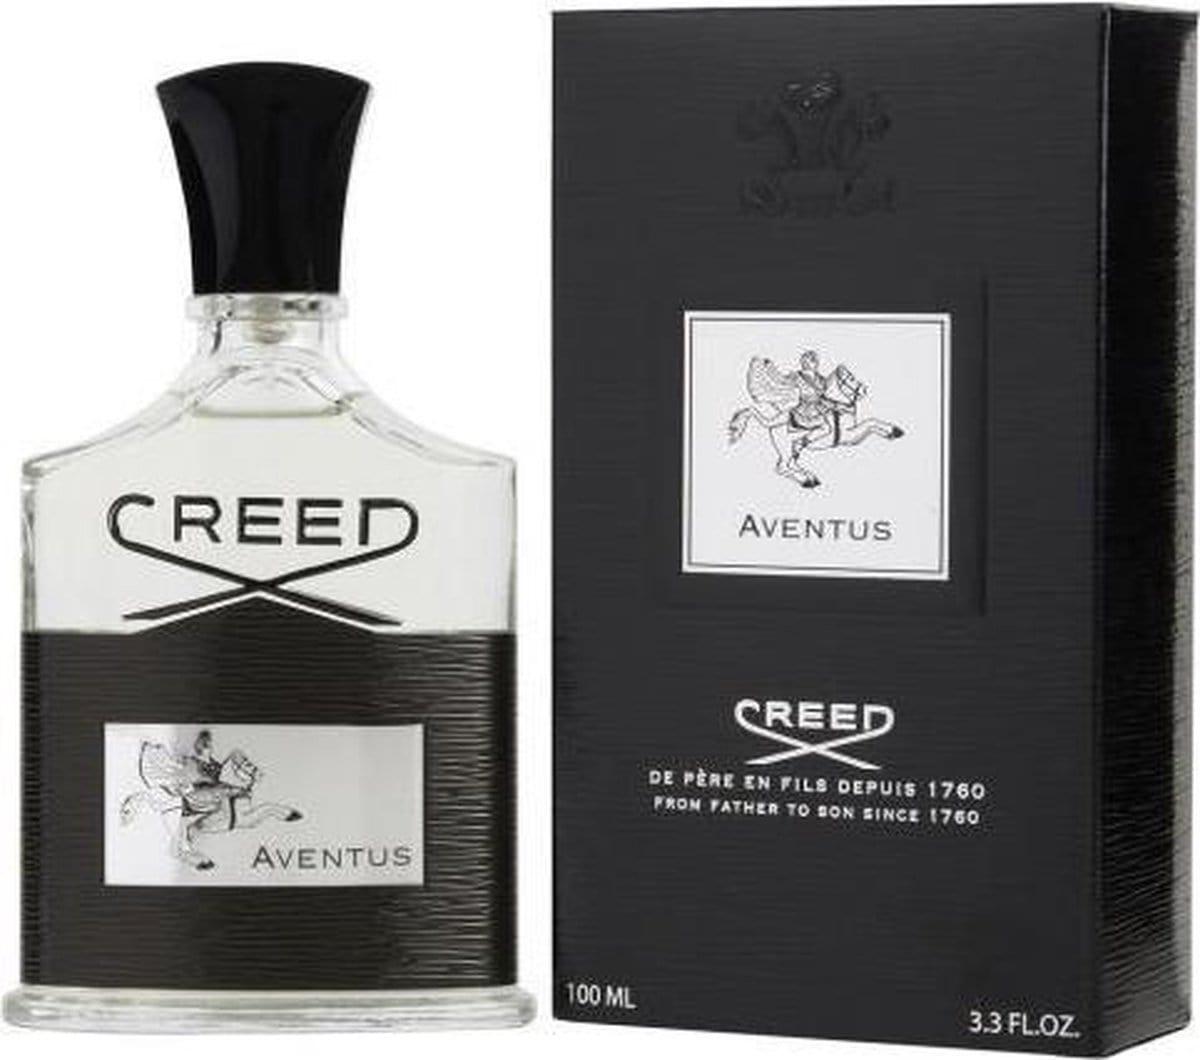 Creed Aventus met doosje, vooraanzicht